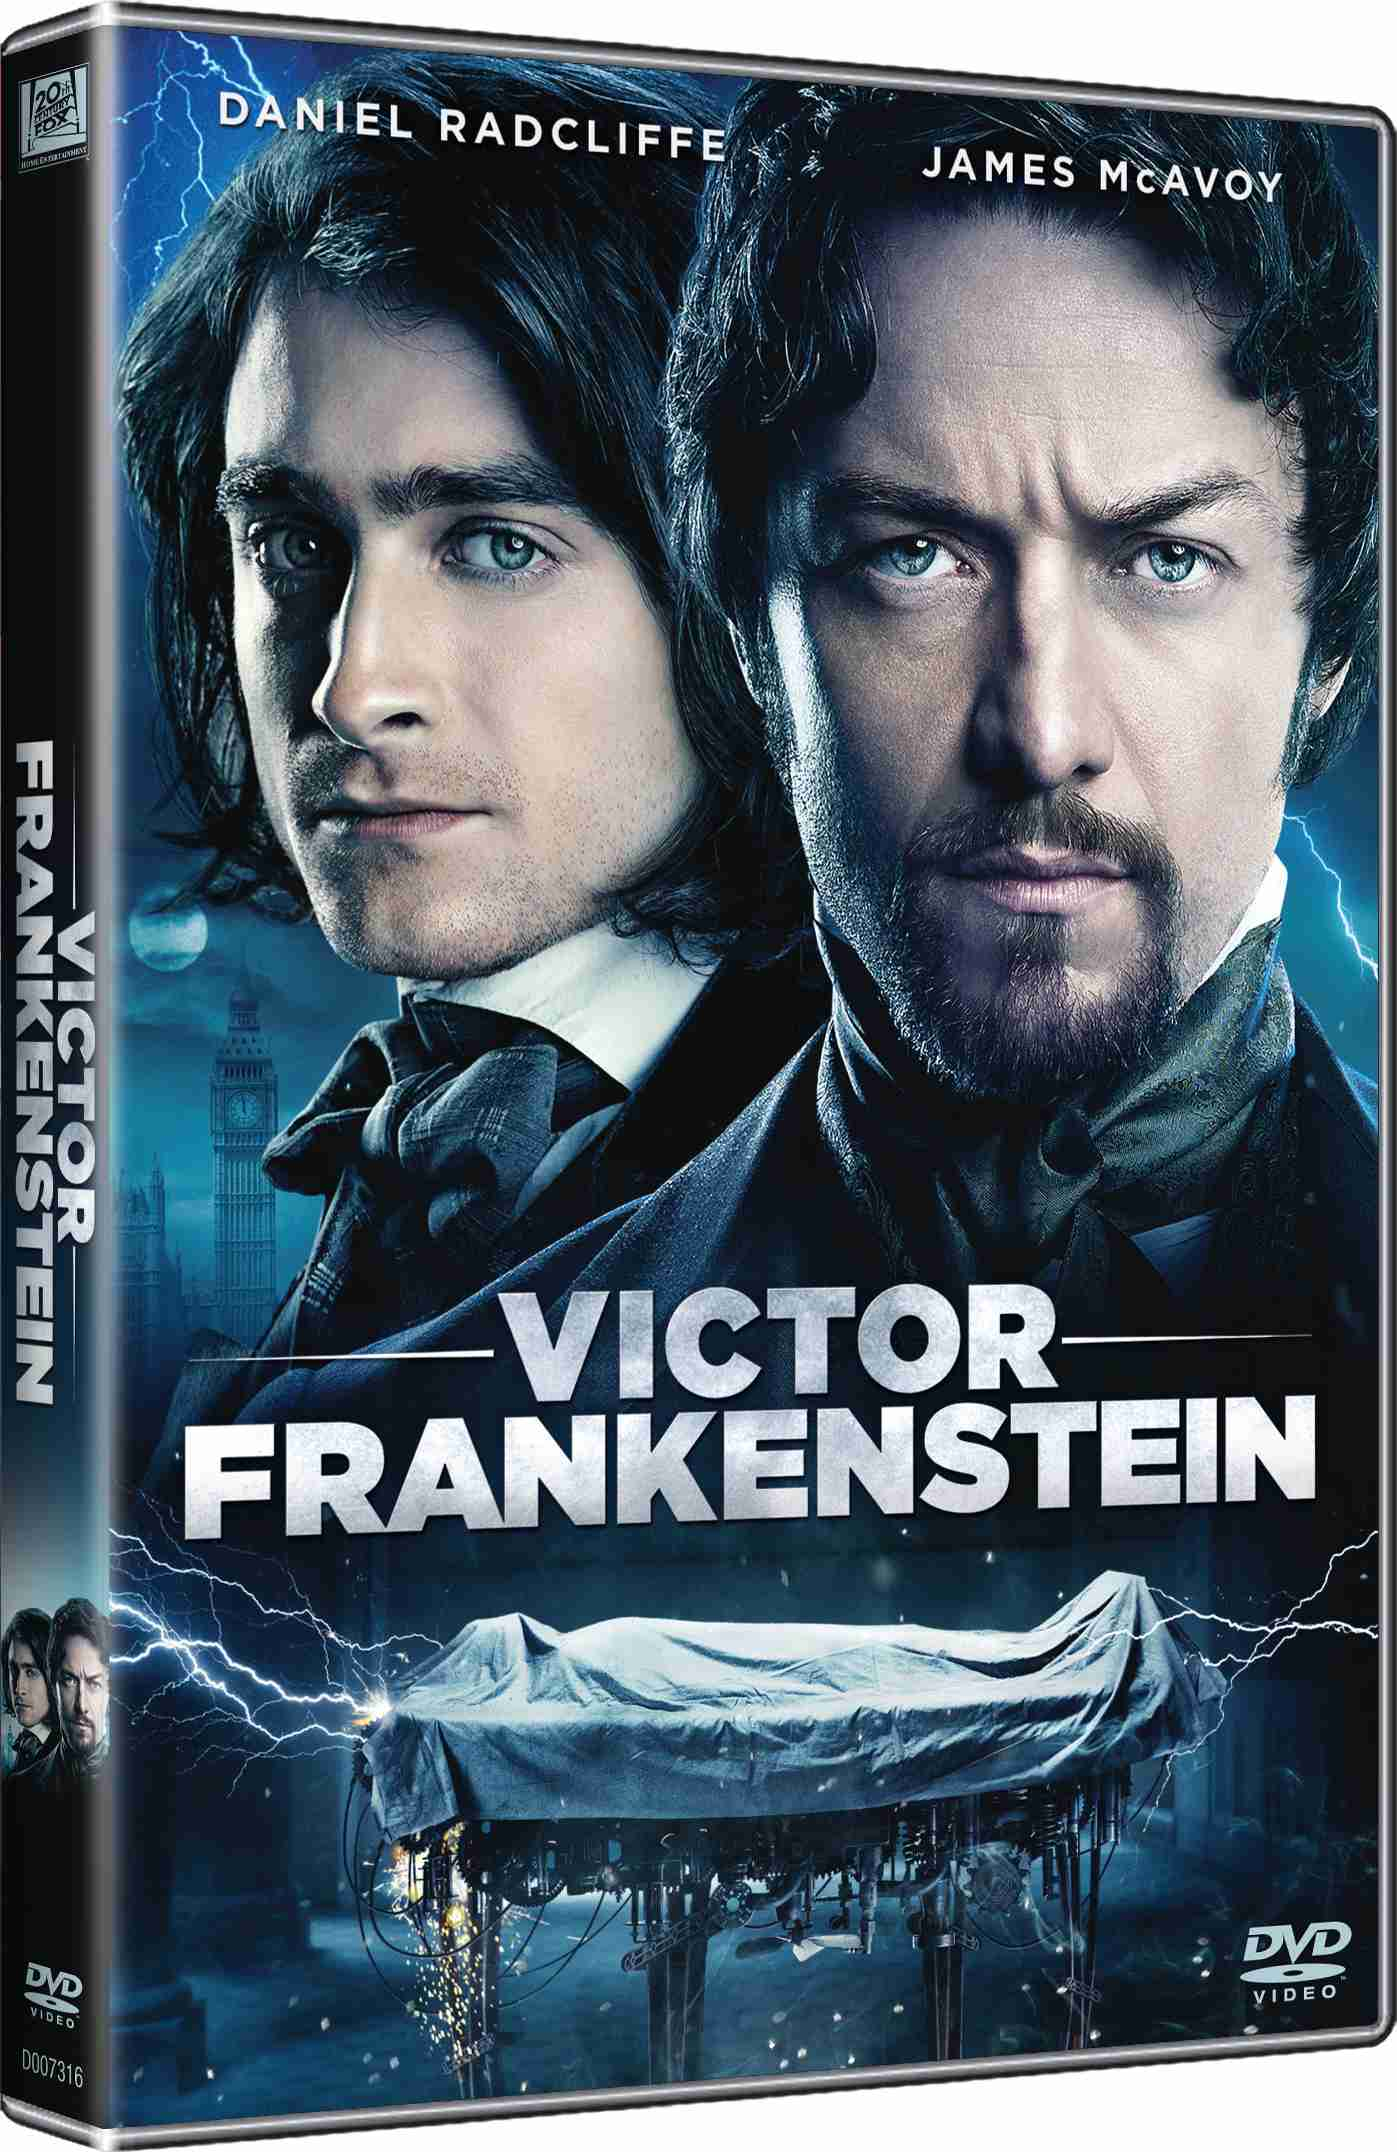 VICTOR FRANKENSTEIN - DVD